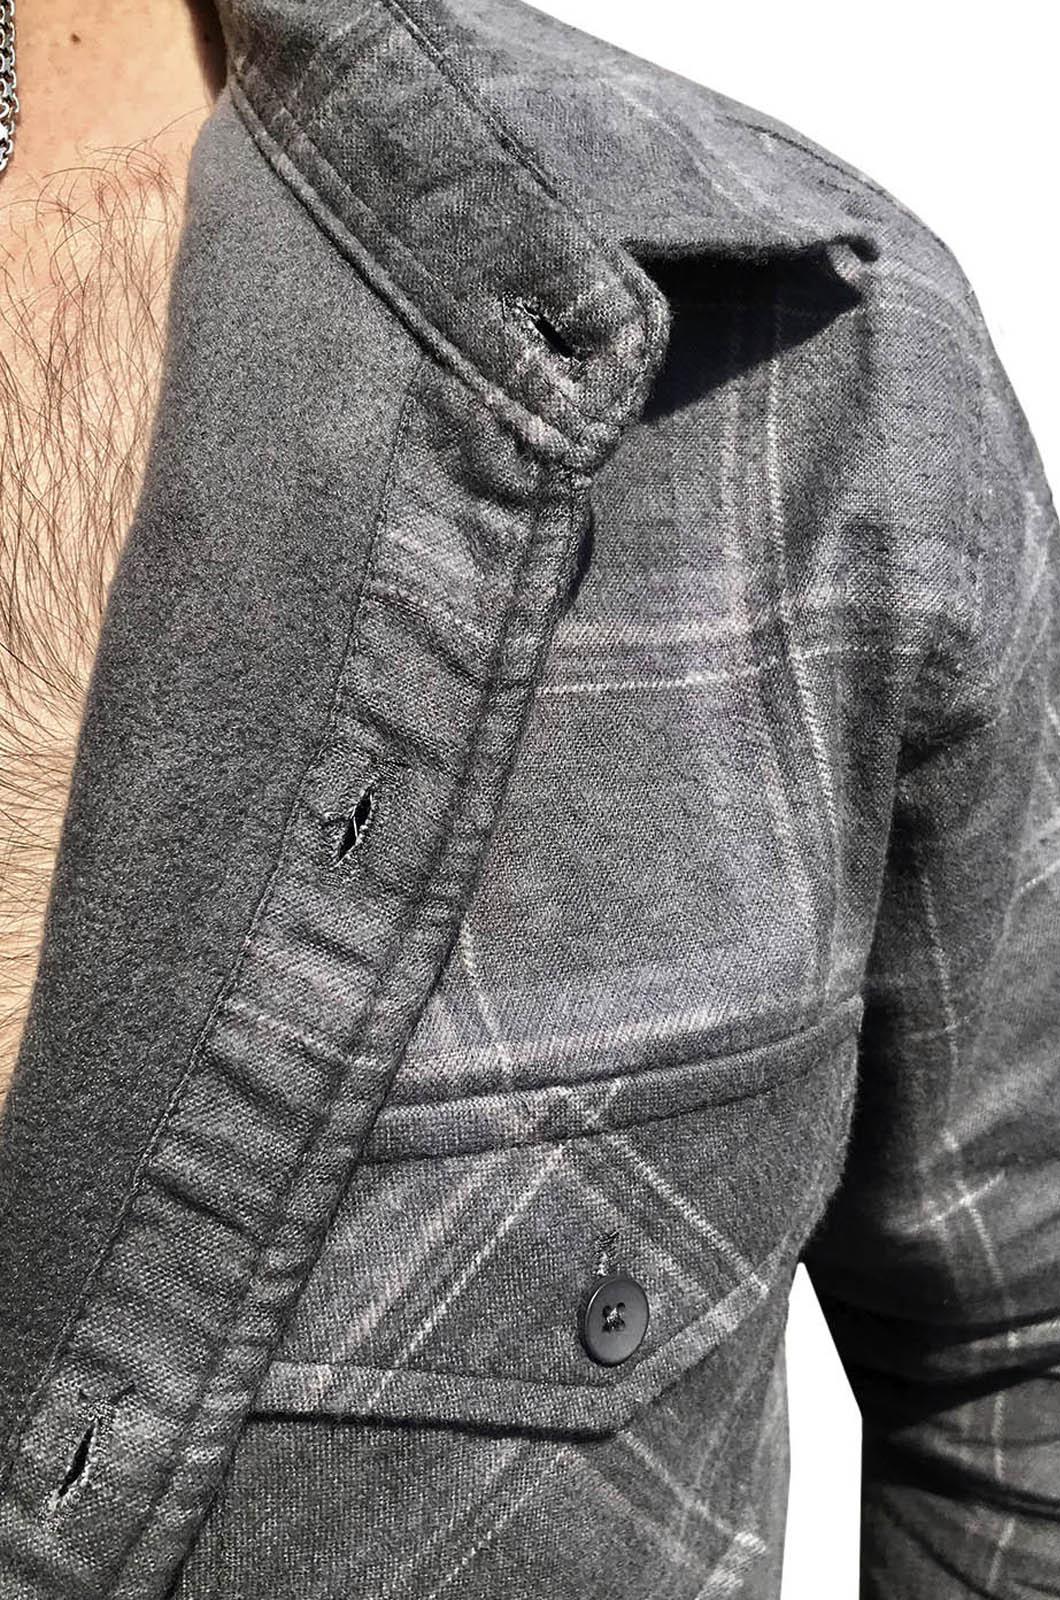 Мужская рубашка с шевроном 14 ОБрСпН купить с доставкой